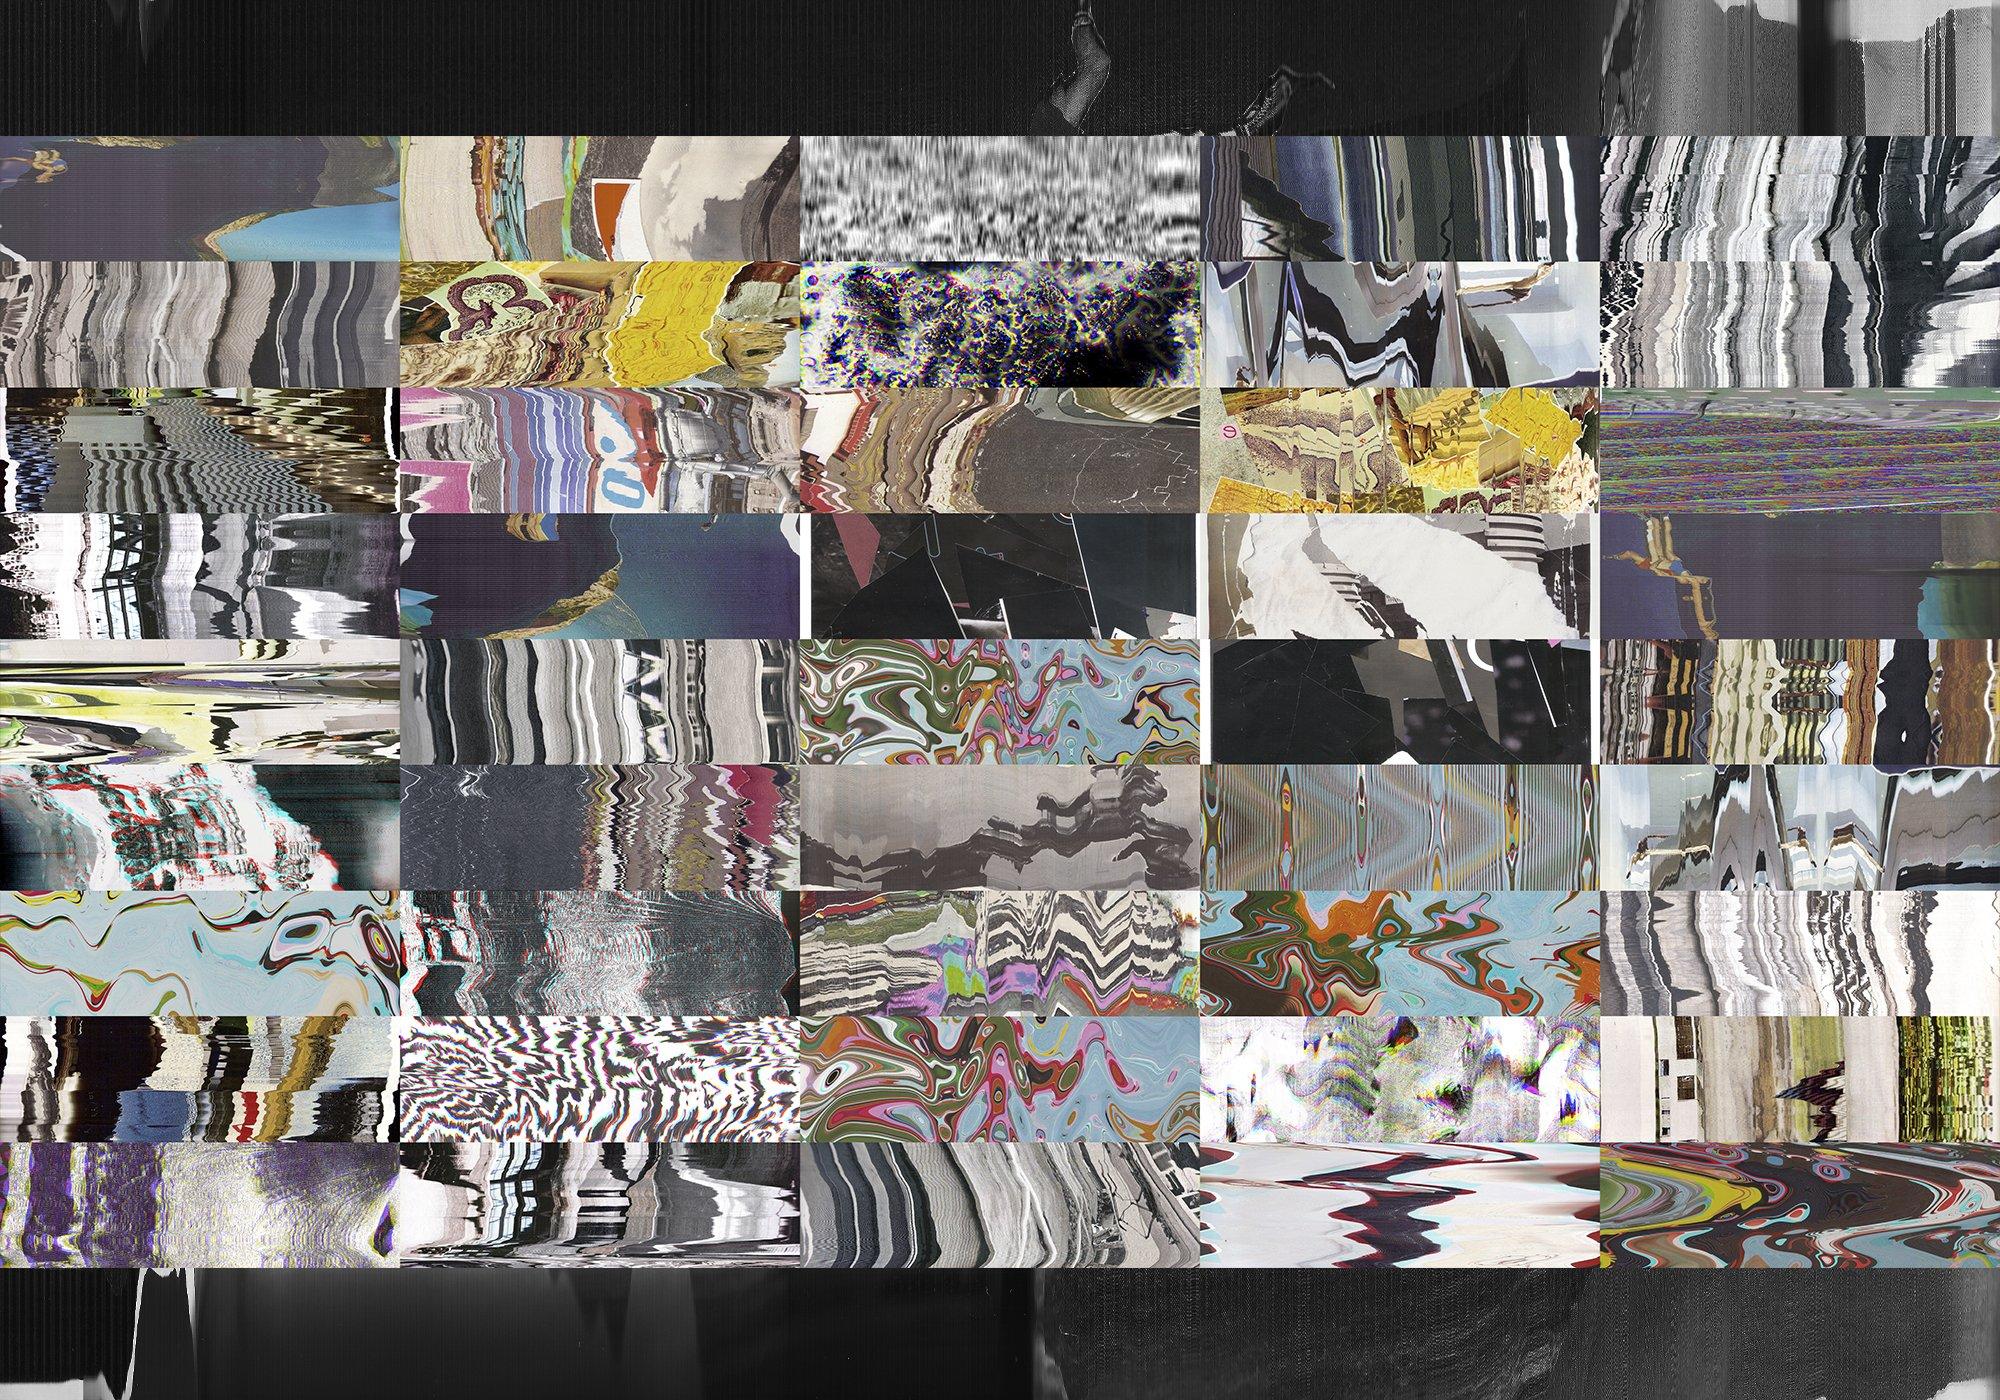 62款高清抽象故障风广告海报设计背景纹理PNG图片素材 Distorted Paper Texture插图(2)